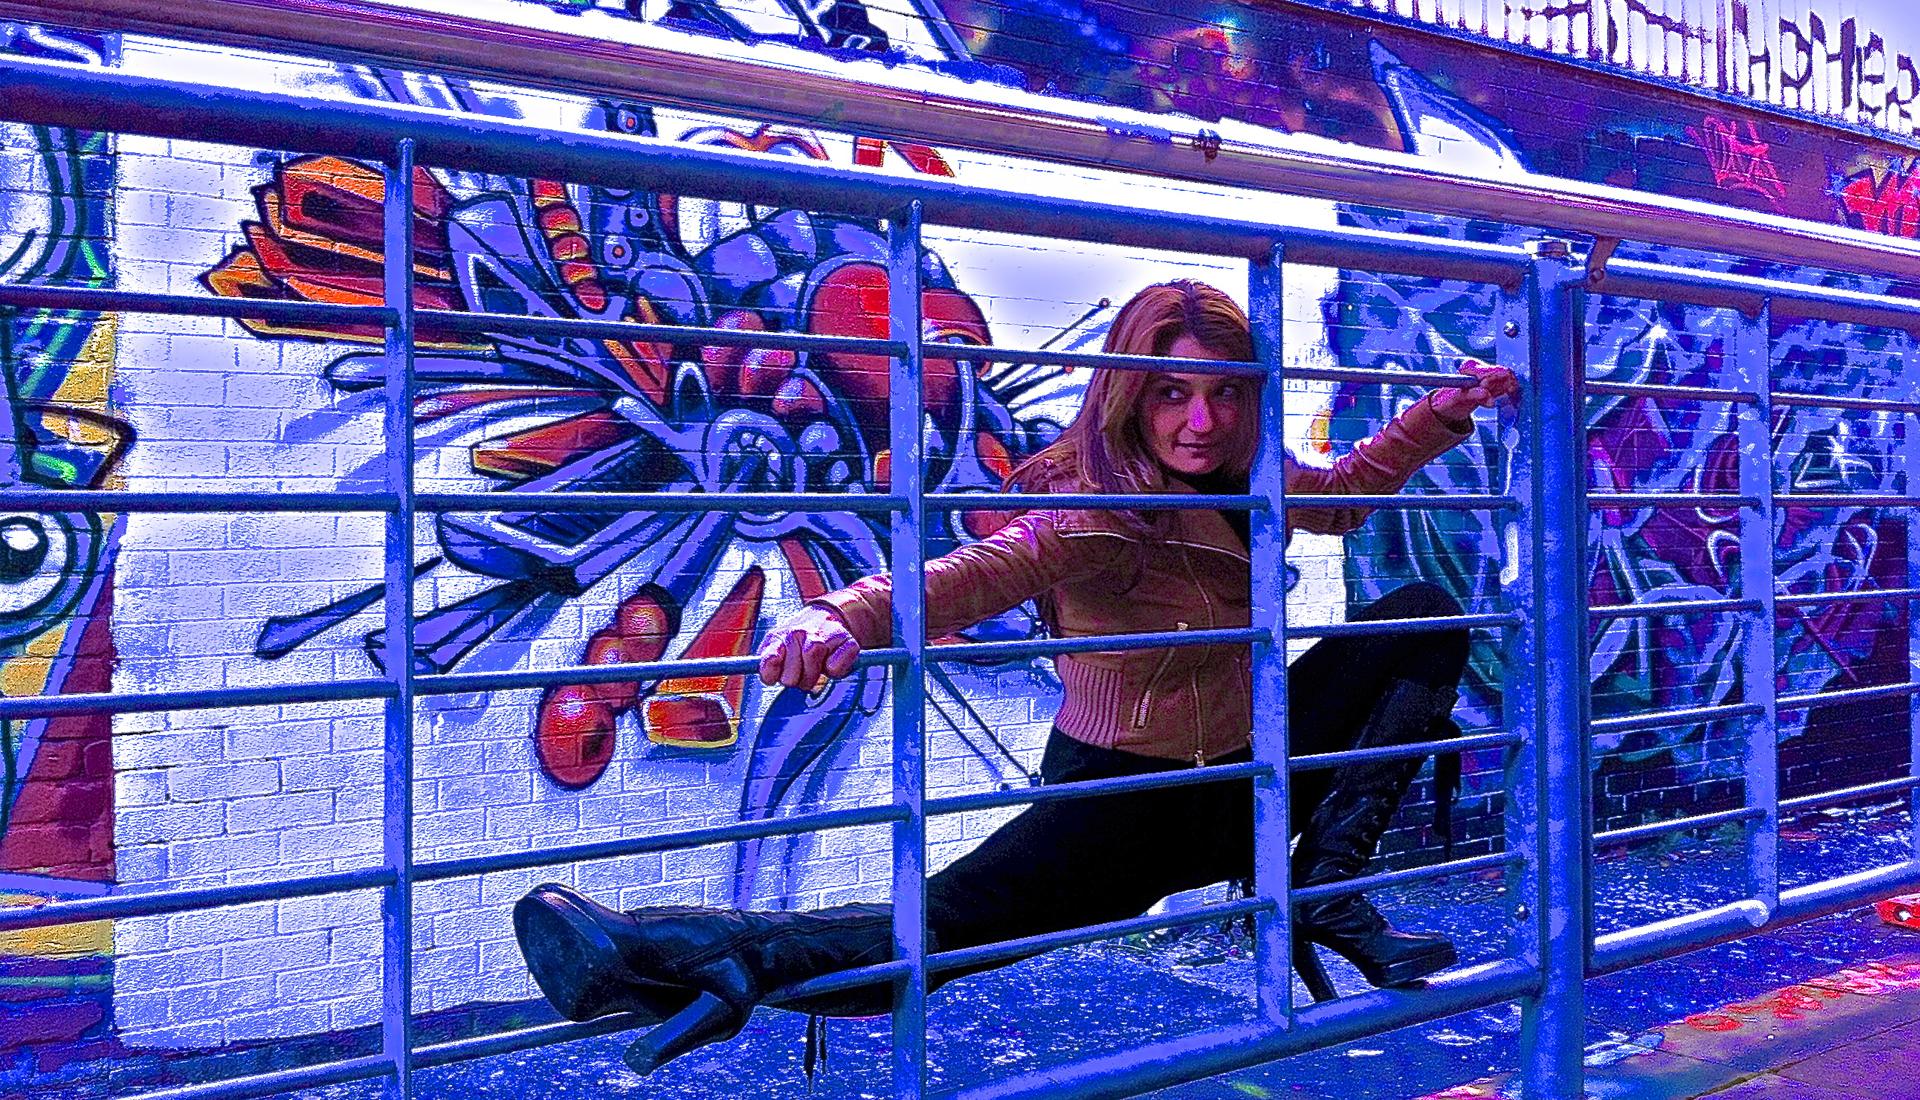 8 – Graffiti